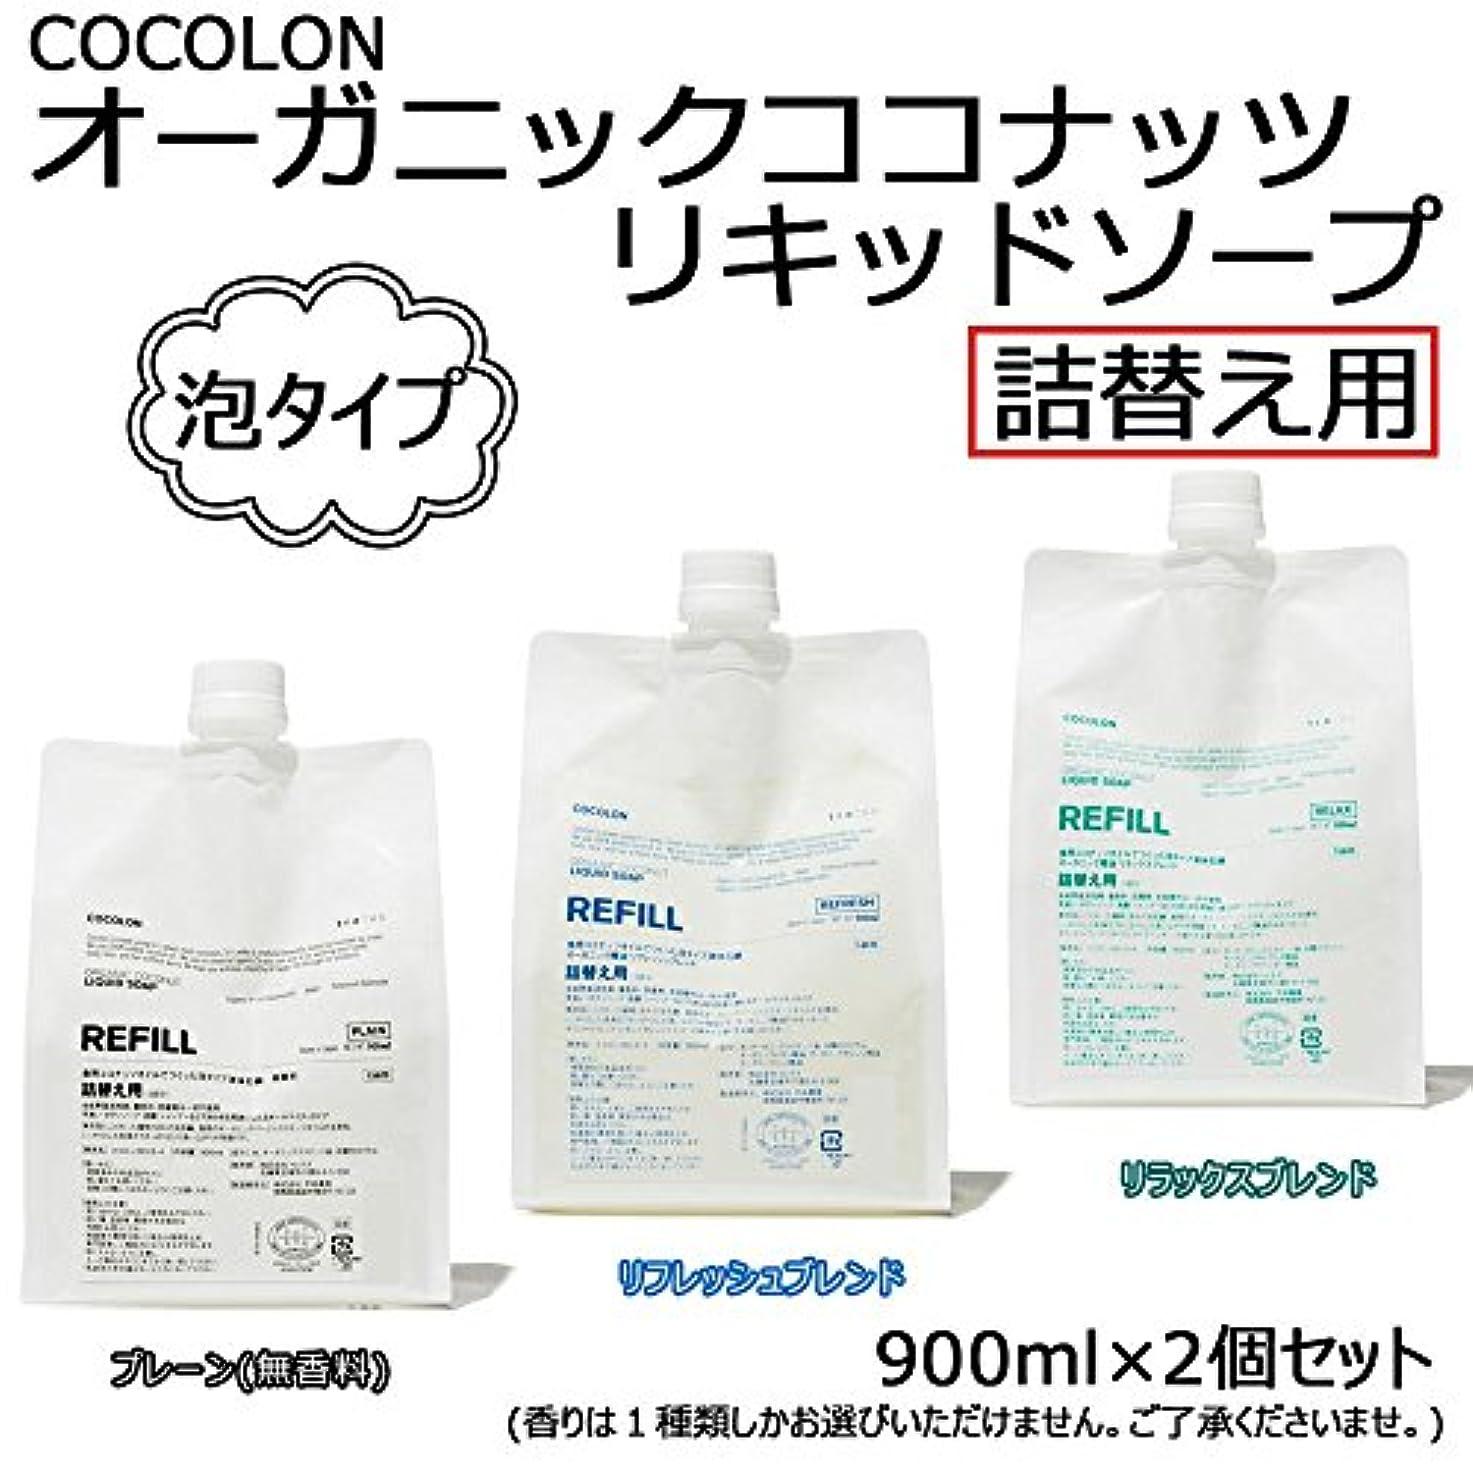 素晴らしきどんよりしたペースCOCOLON ココロン オーガニックココナッツリキッドソープ 泡タイプ 詰替え用 900ml 2個セット プレーン(無香料)